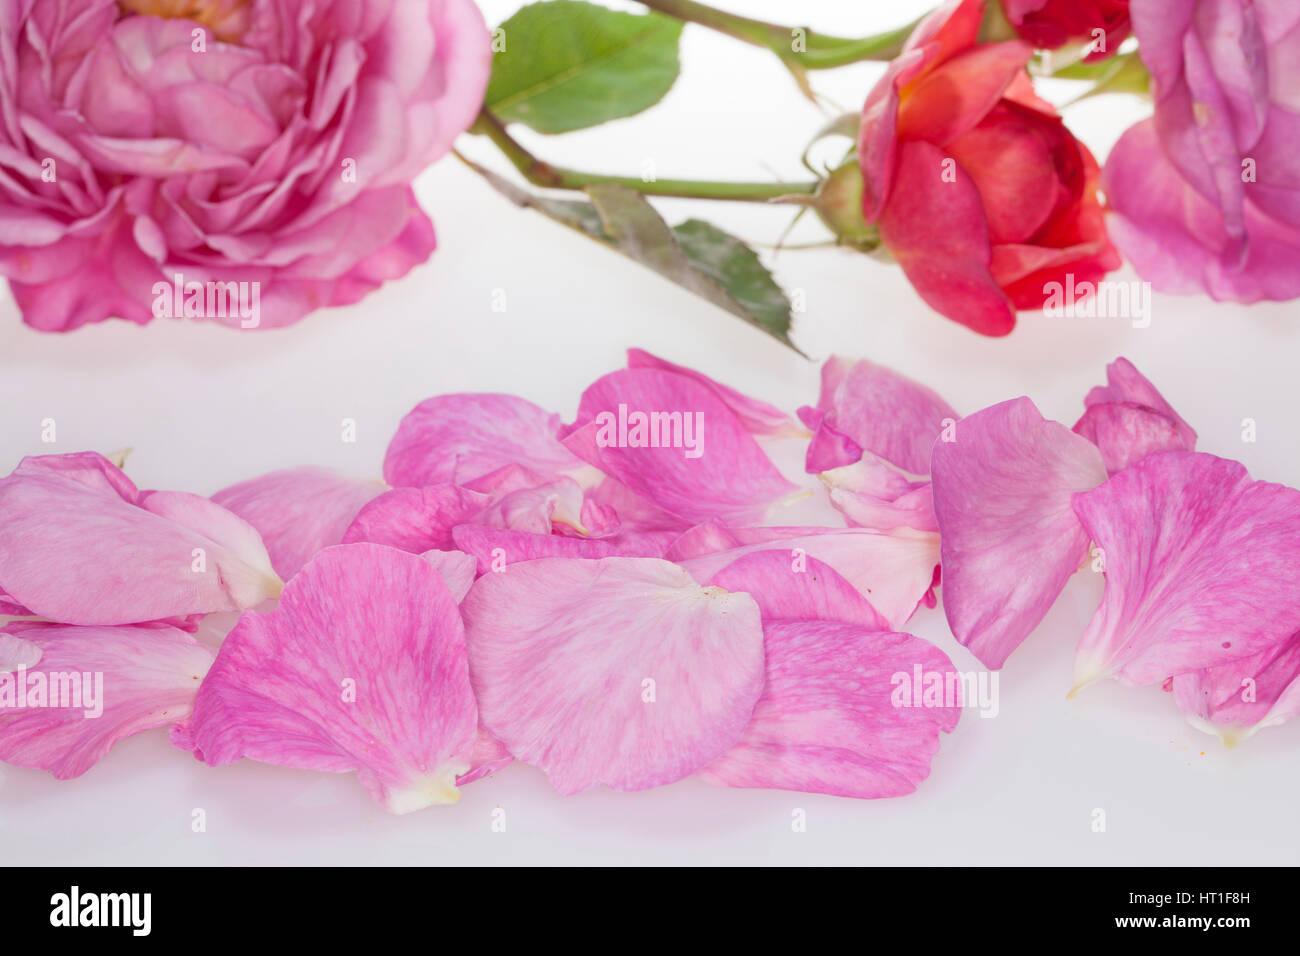 Rose, Rosen-Blüten, Rosen-Blütenblätter, Blütenblätter, Blütenblatt, Garten-Rose, - Stock Image